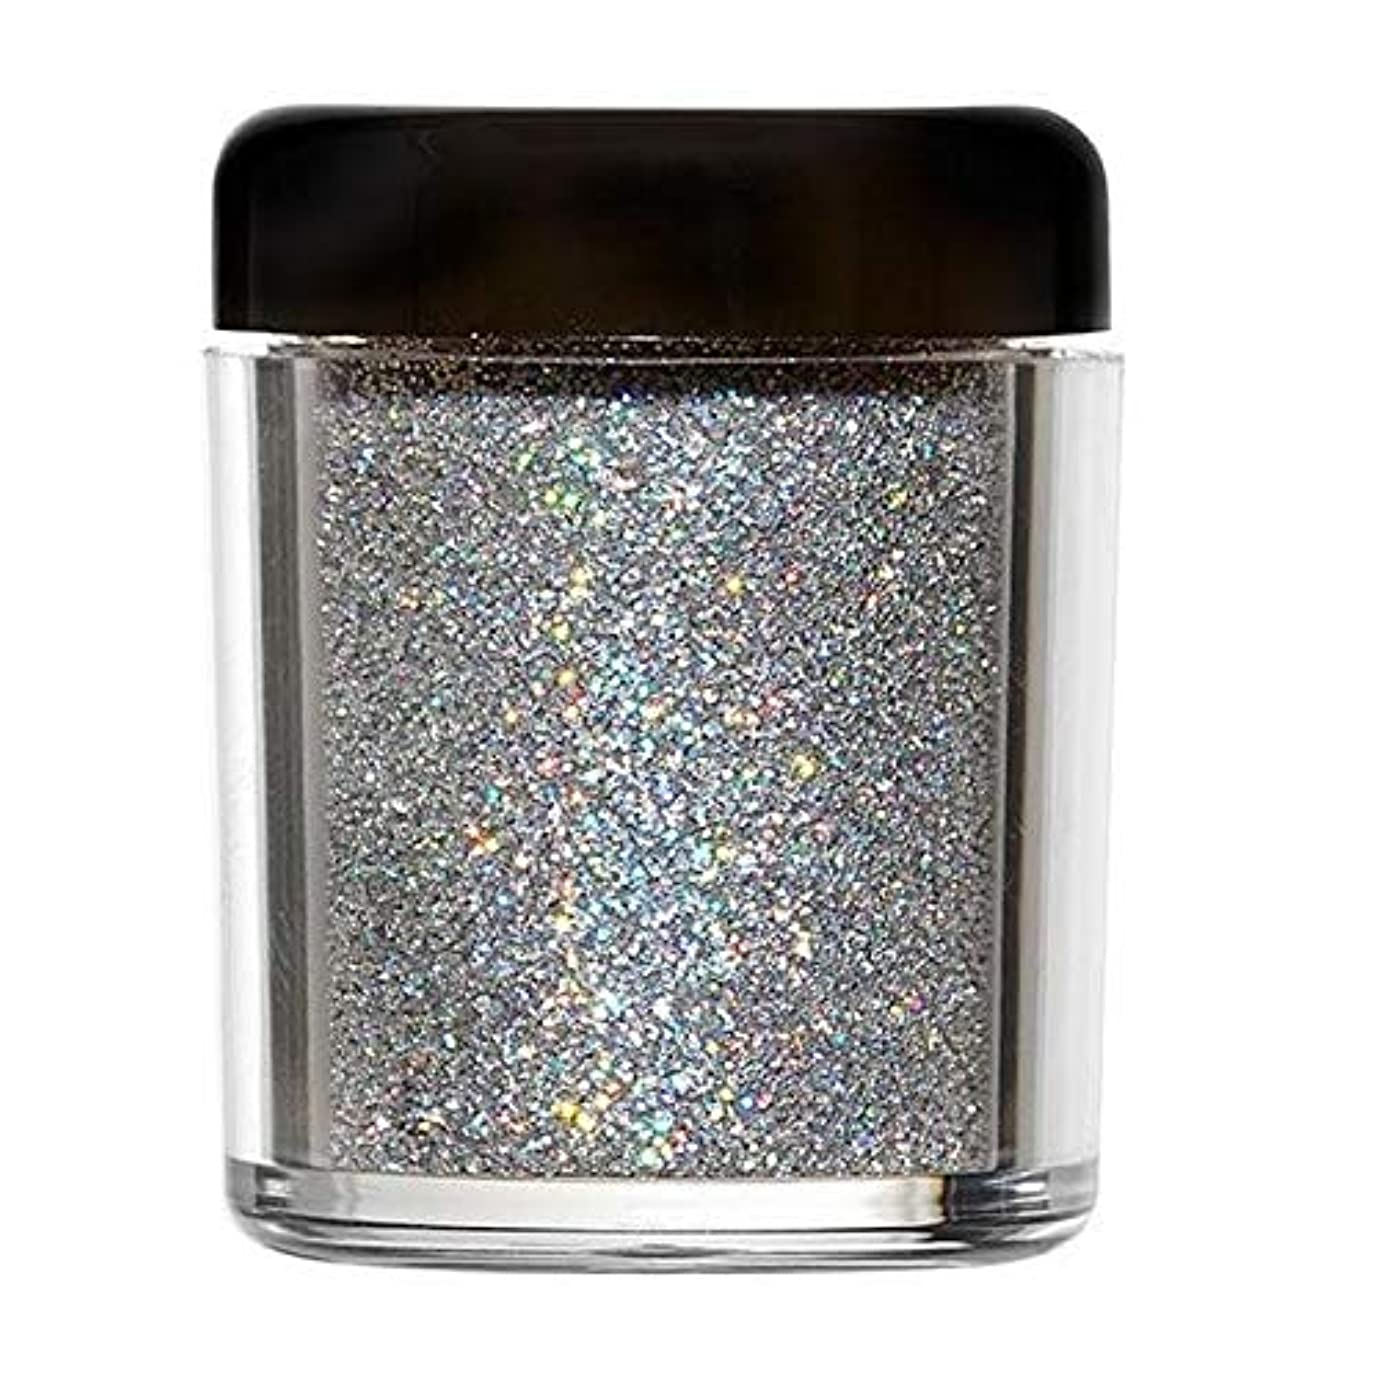 開始授業料アフリカ人[Barry M ] バリーメートルのグリッターラッシュボディの輝き - ムーンストーン - Barry M Glitter Rush Body Glitter - Moonstone [並行輸入品]